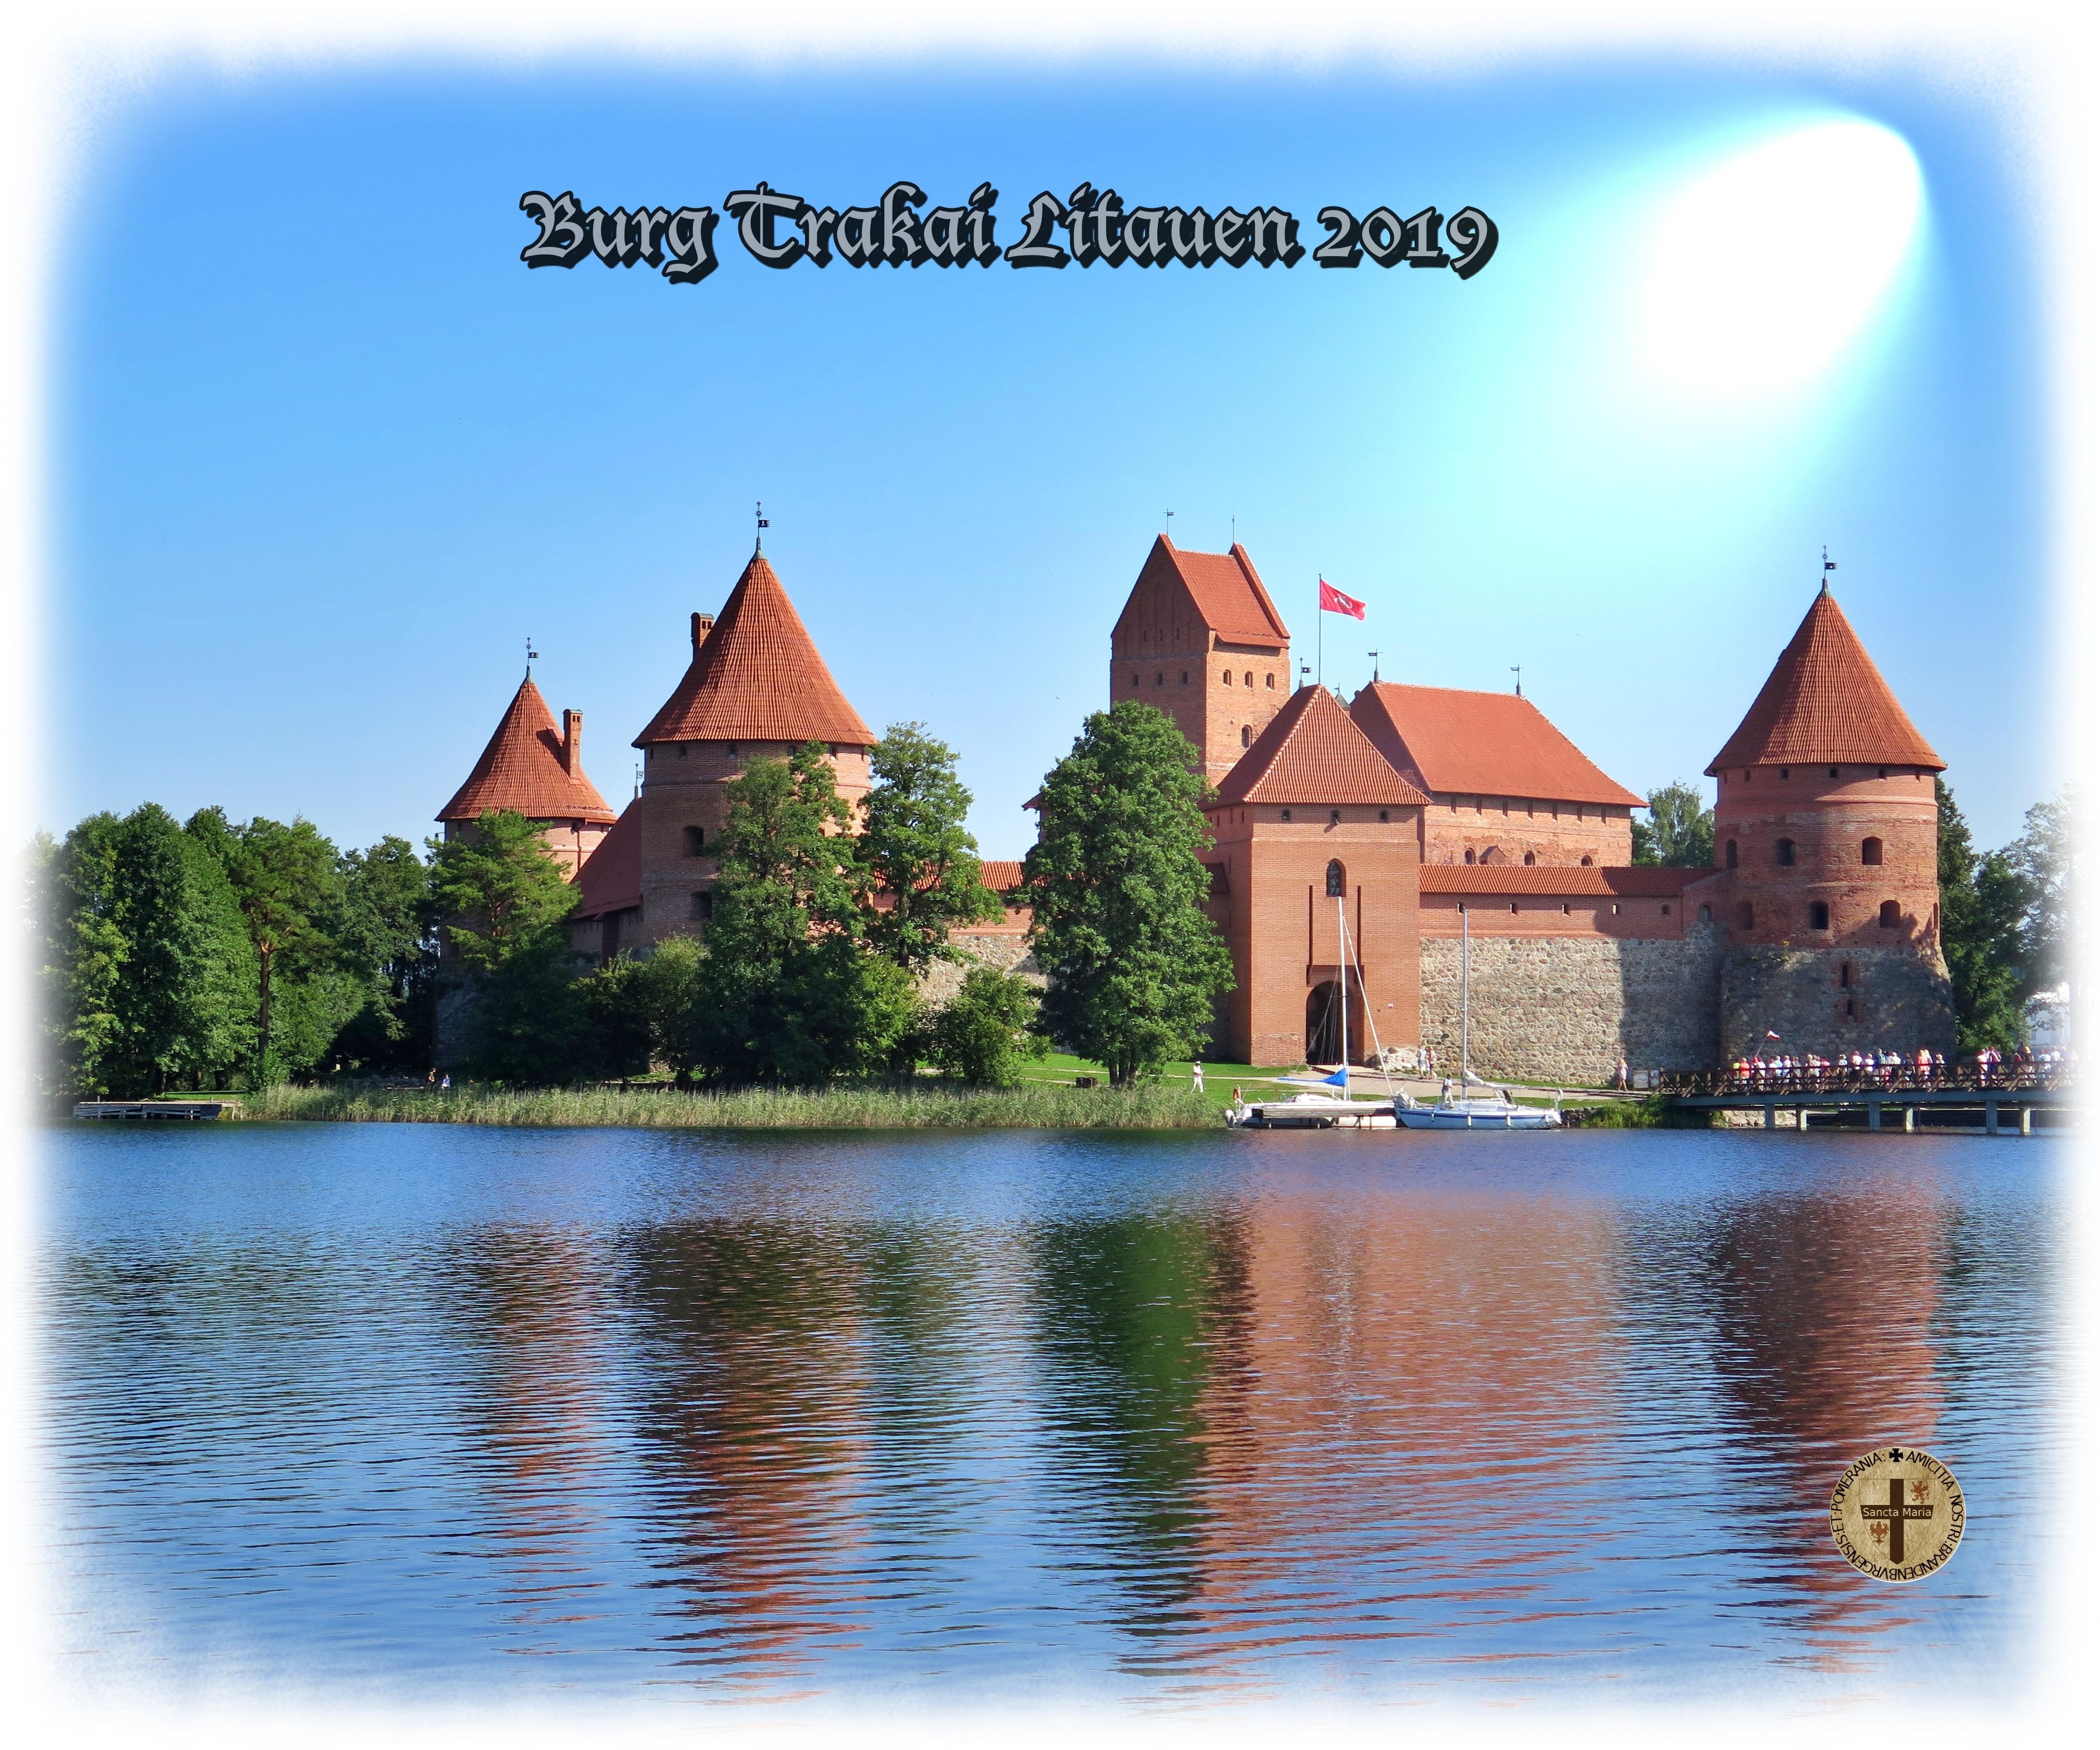 Burg Trakai- Berg der Kreuze Litauen